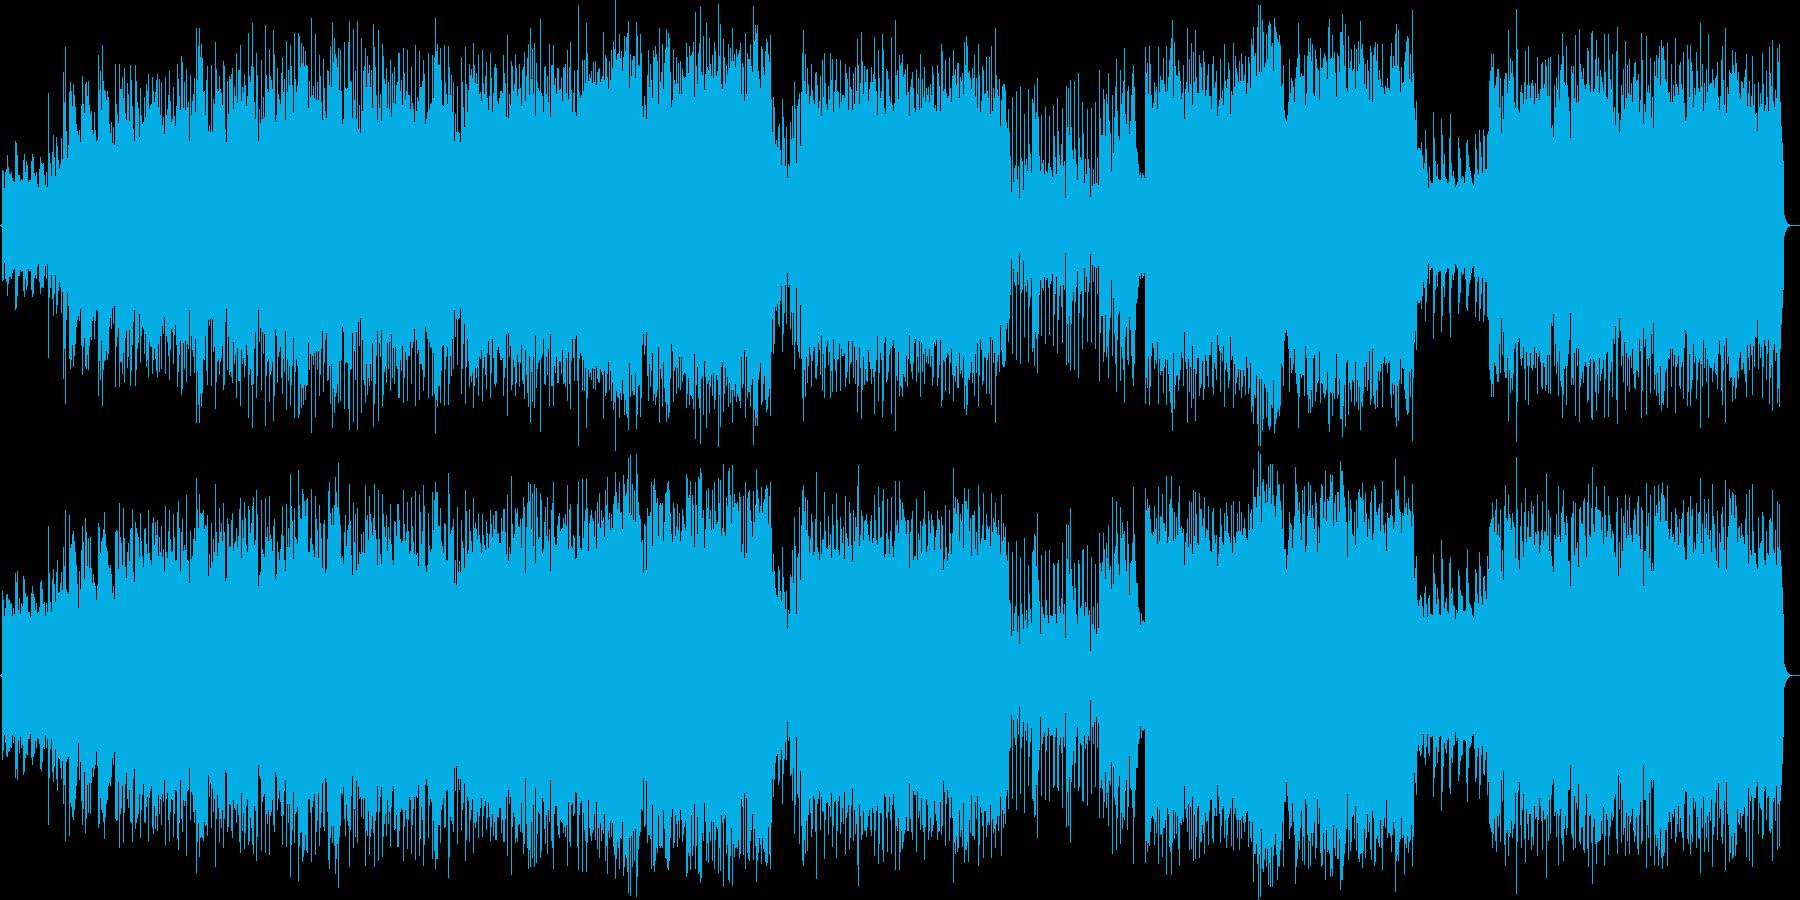 ダークなテーマのオルタナ風ロックの再生済みの波形